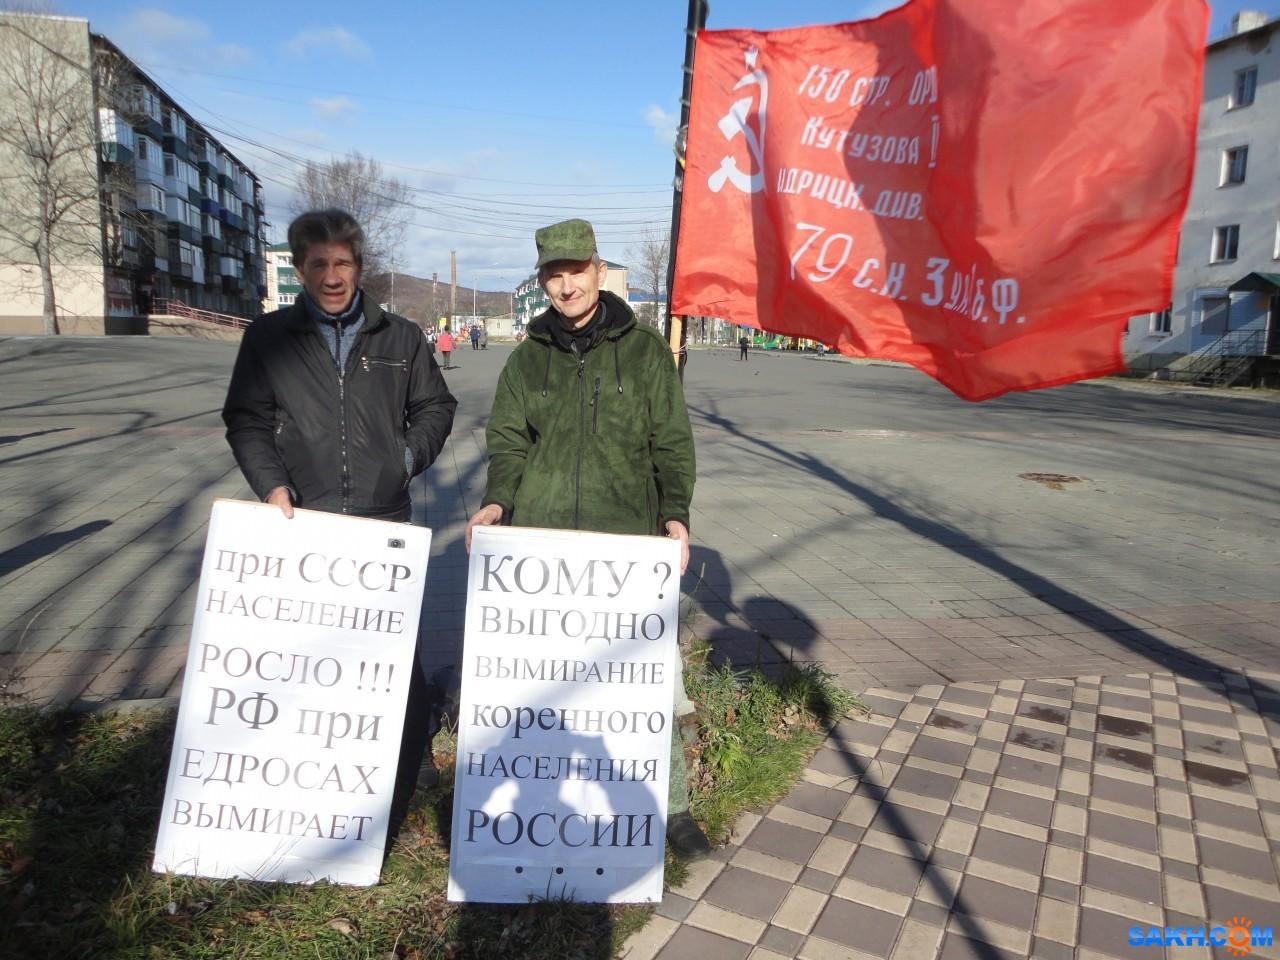 Сергей.М: Пикет 04.11.19 г. в День Единства, Макаров.